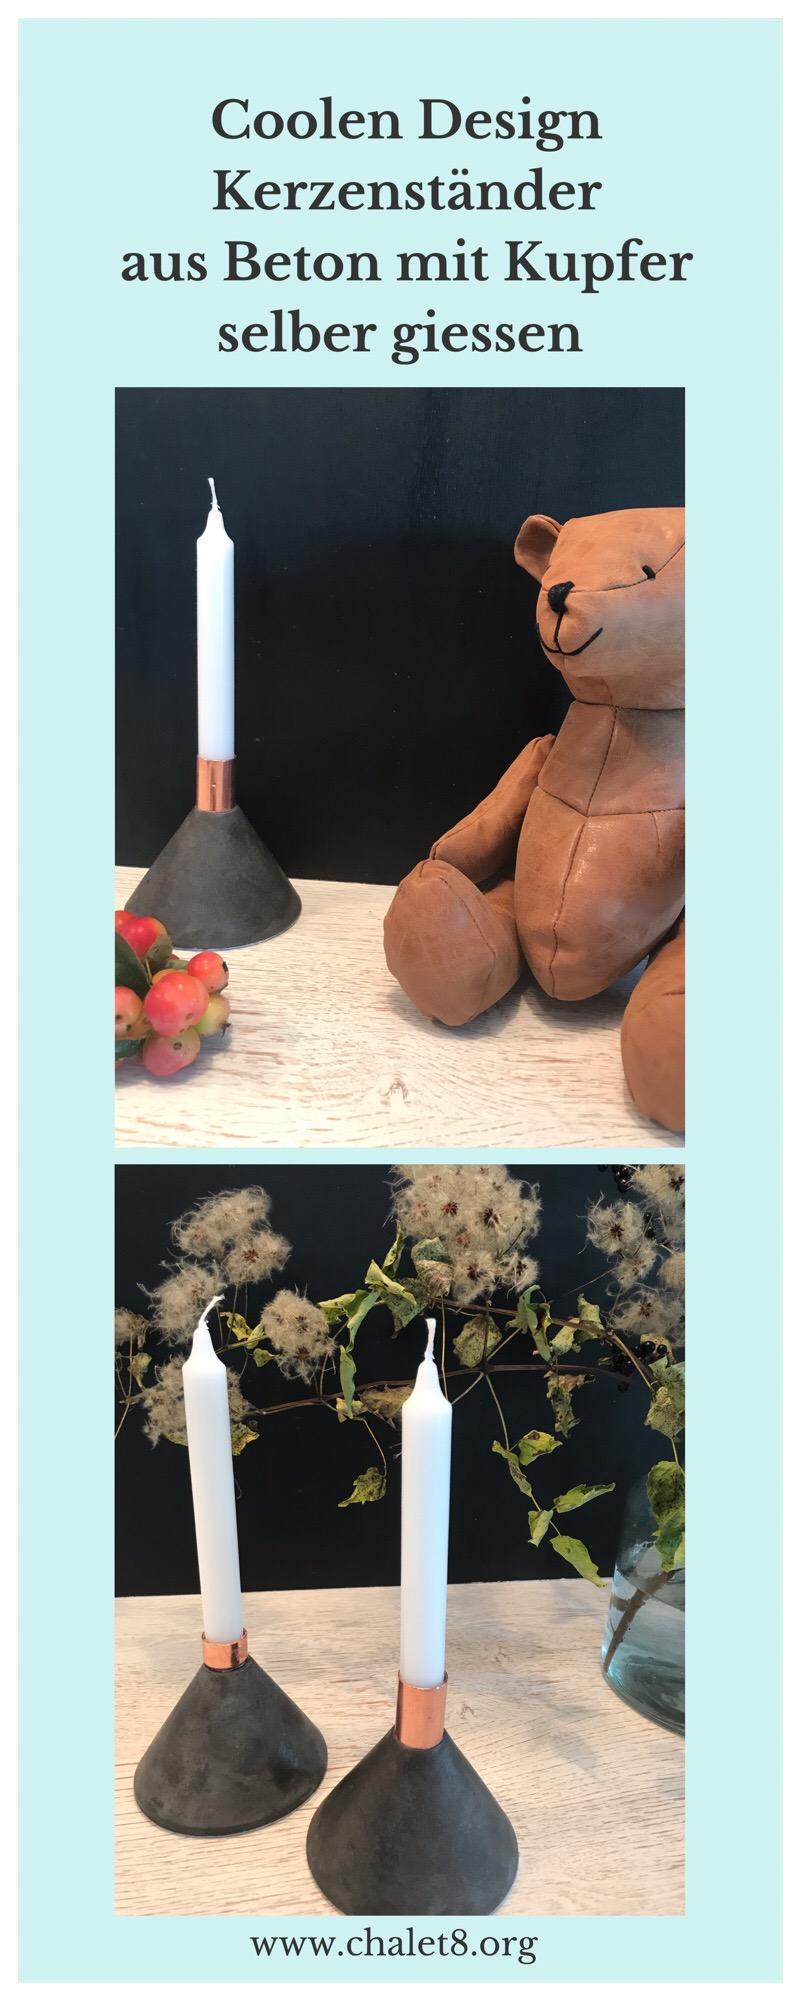 DIY: Coolen Design Kerzenständer aus Beton mit Kupfer selber gießen. Herbstdeko aus Beton. Beton gießen. Kerzenständer selber machen. Beton und Kupfer im Design vereint. Herbst Deko. Geschenkidee. #Chalet8 #Kerzenständer